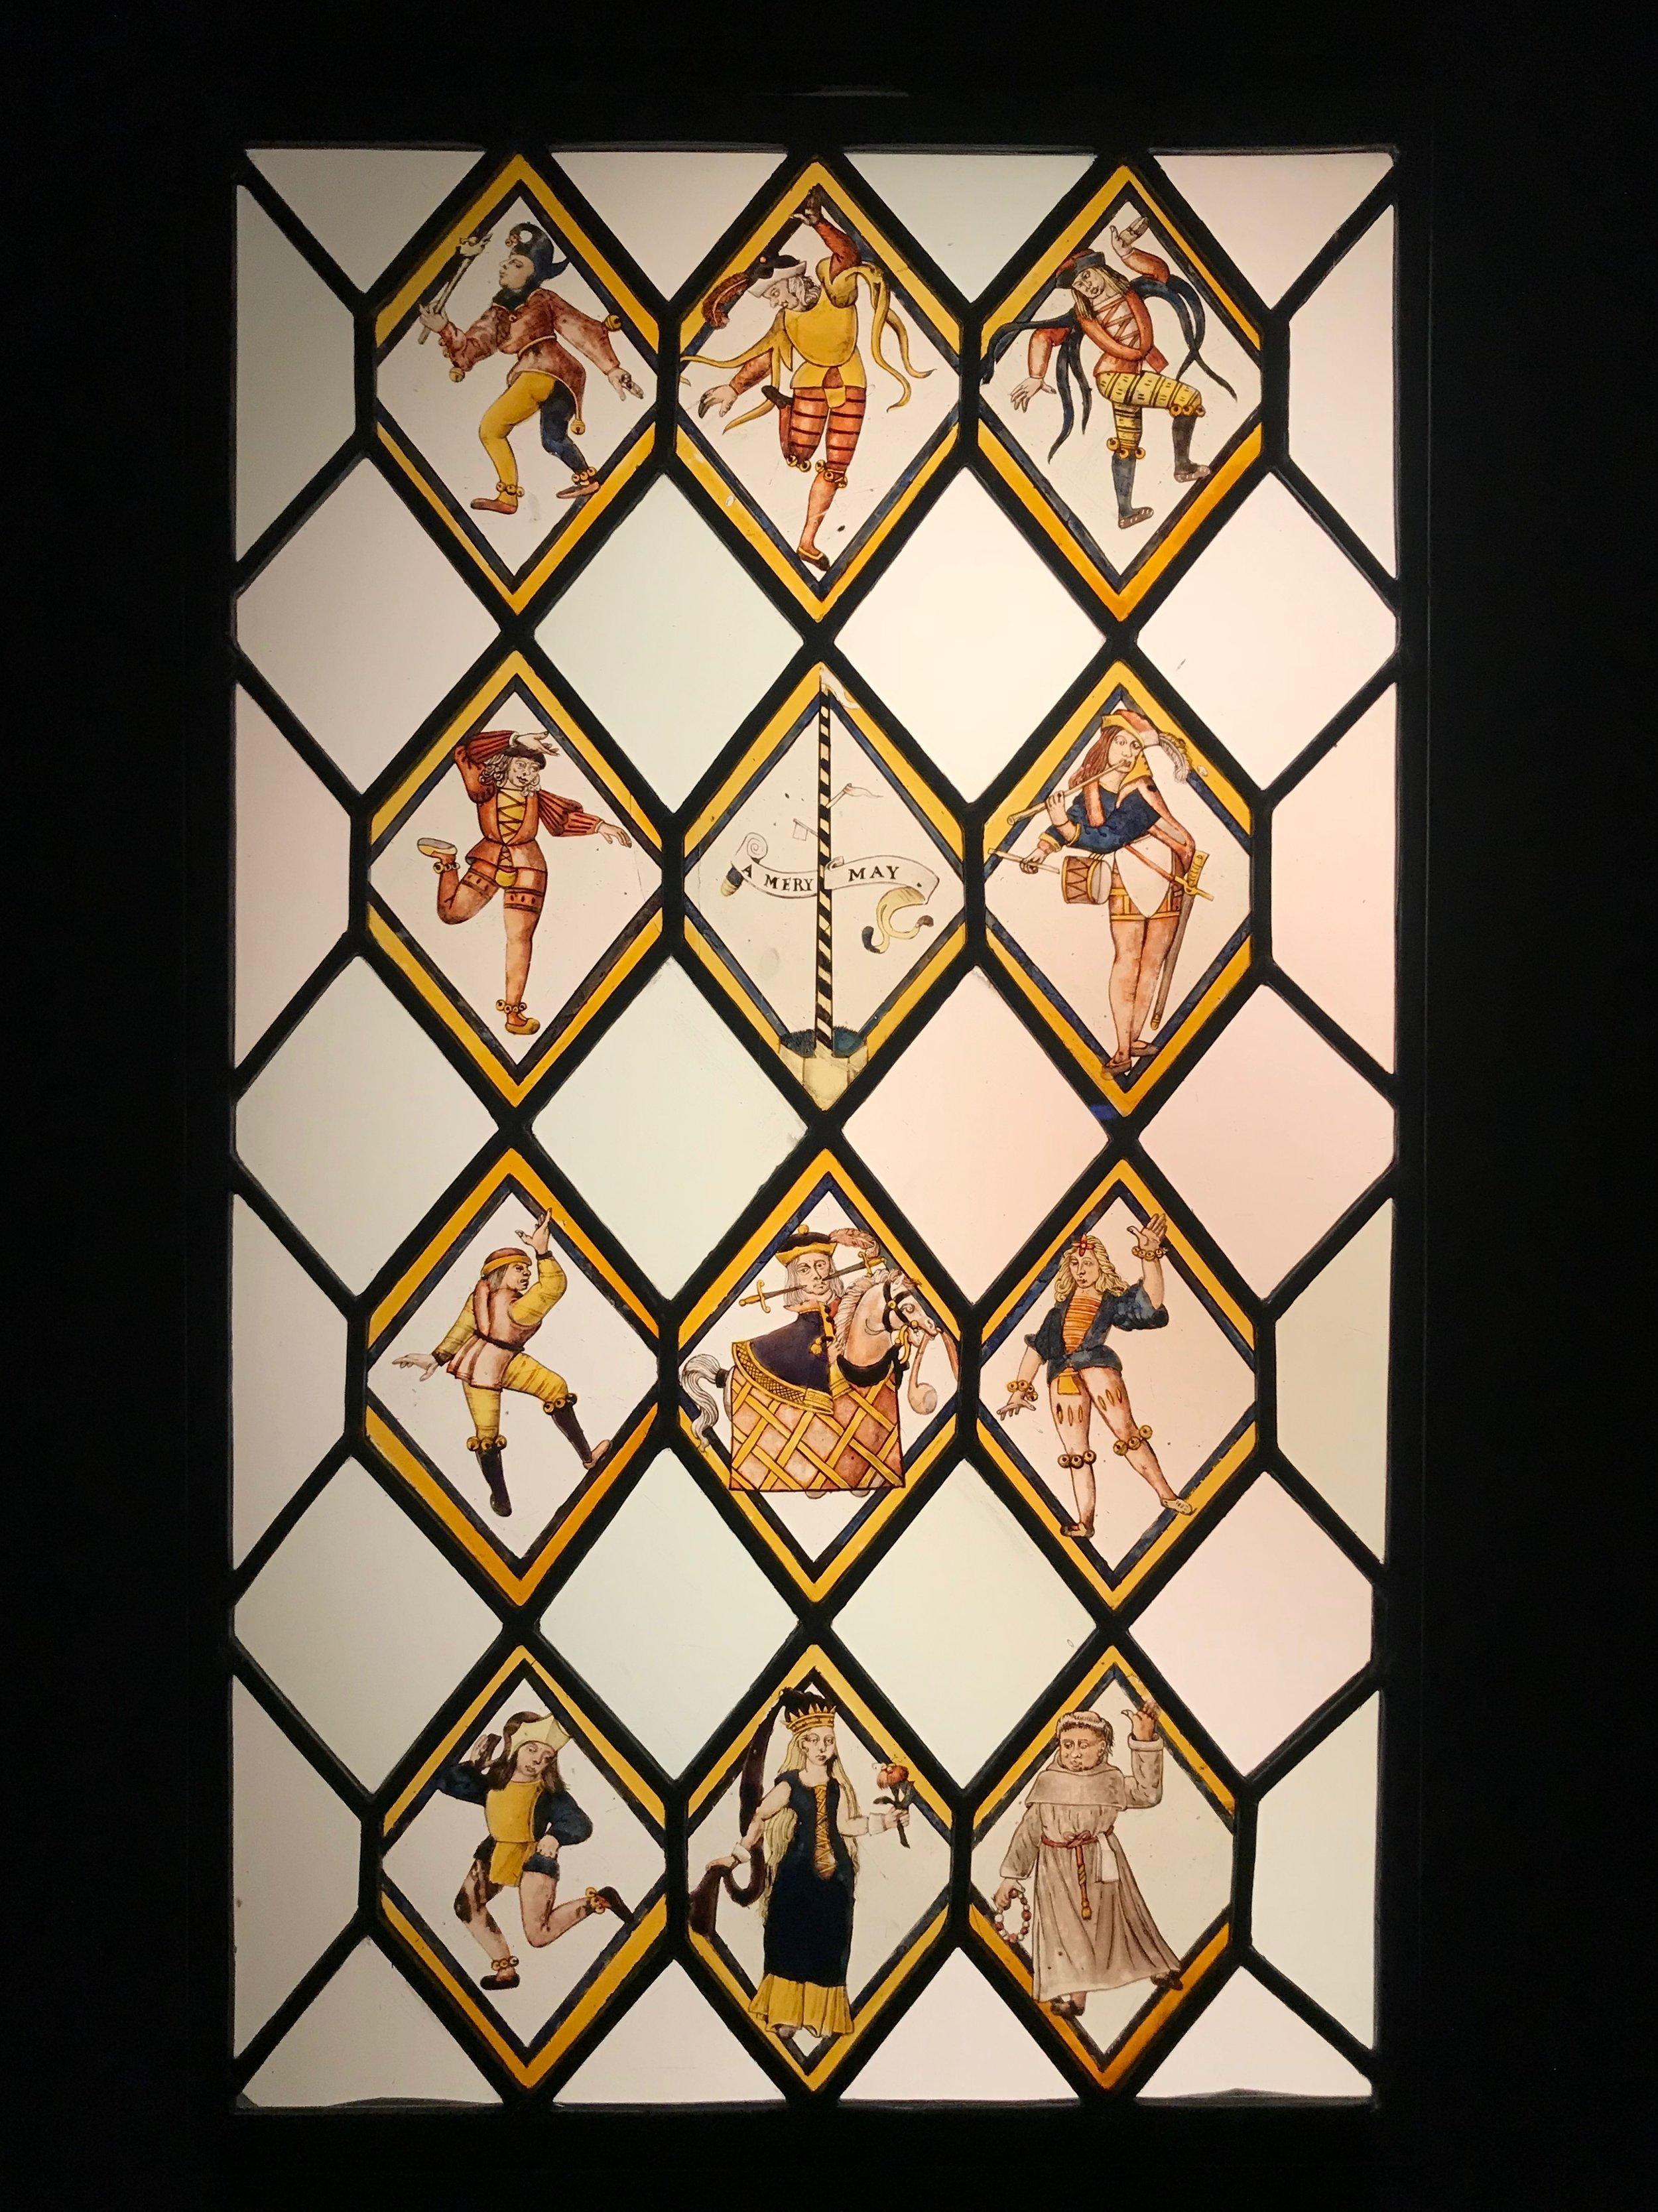 The Betley Window